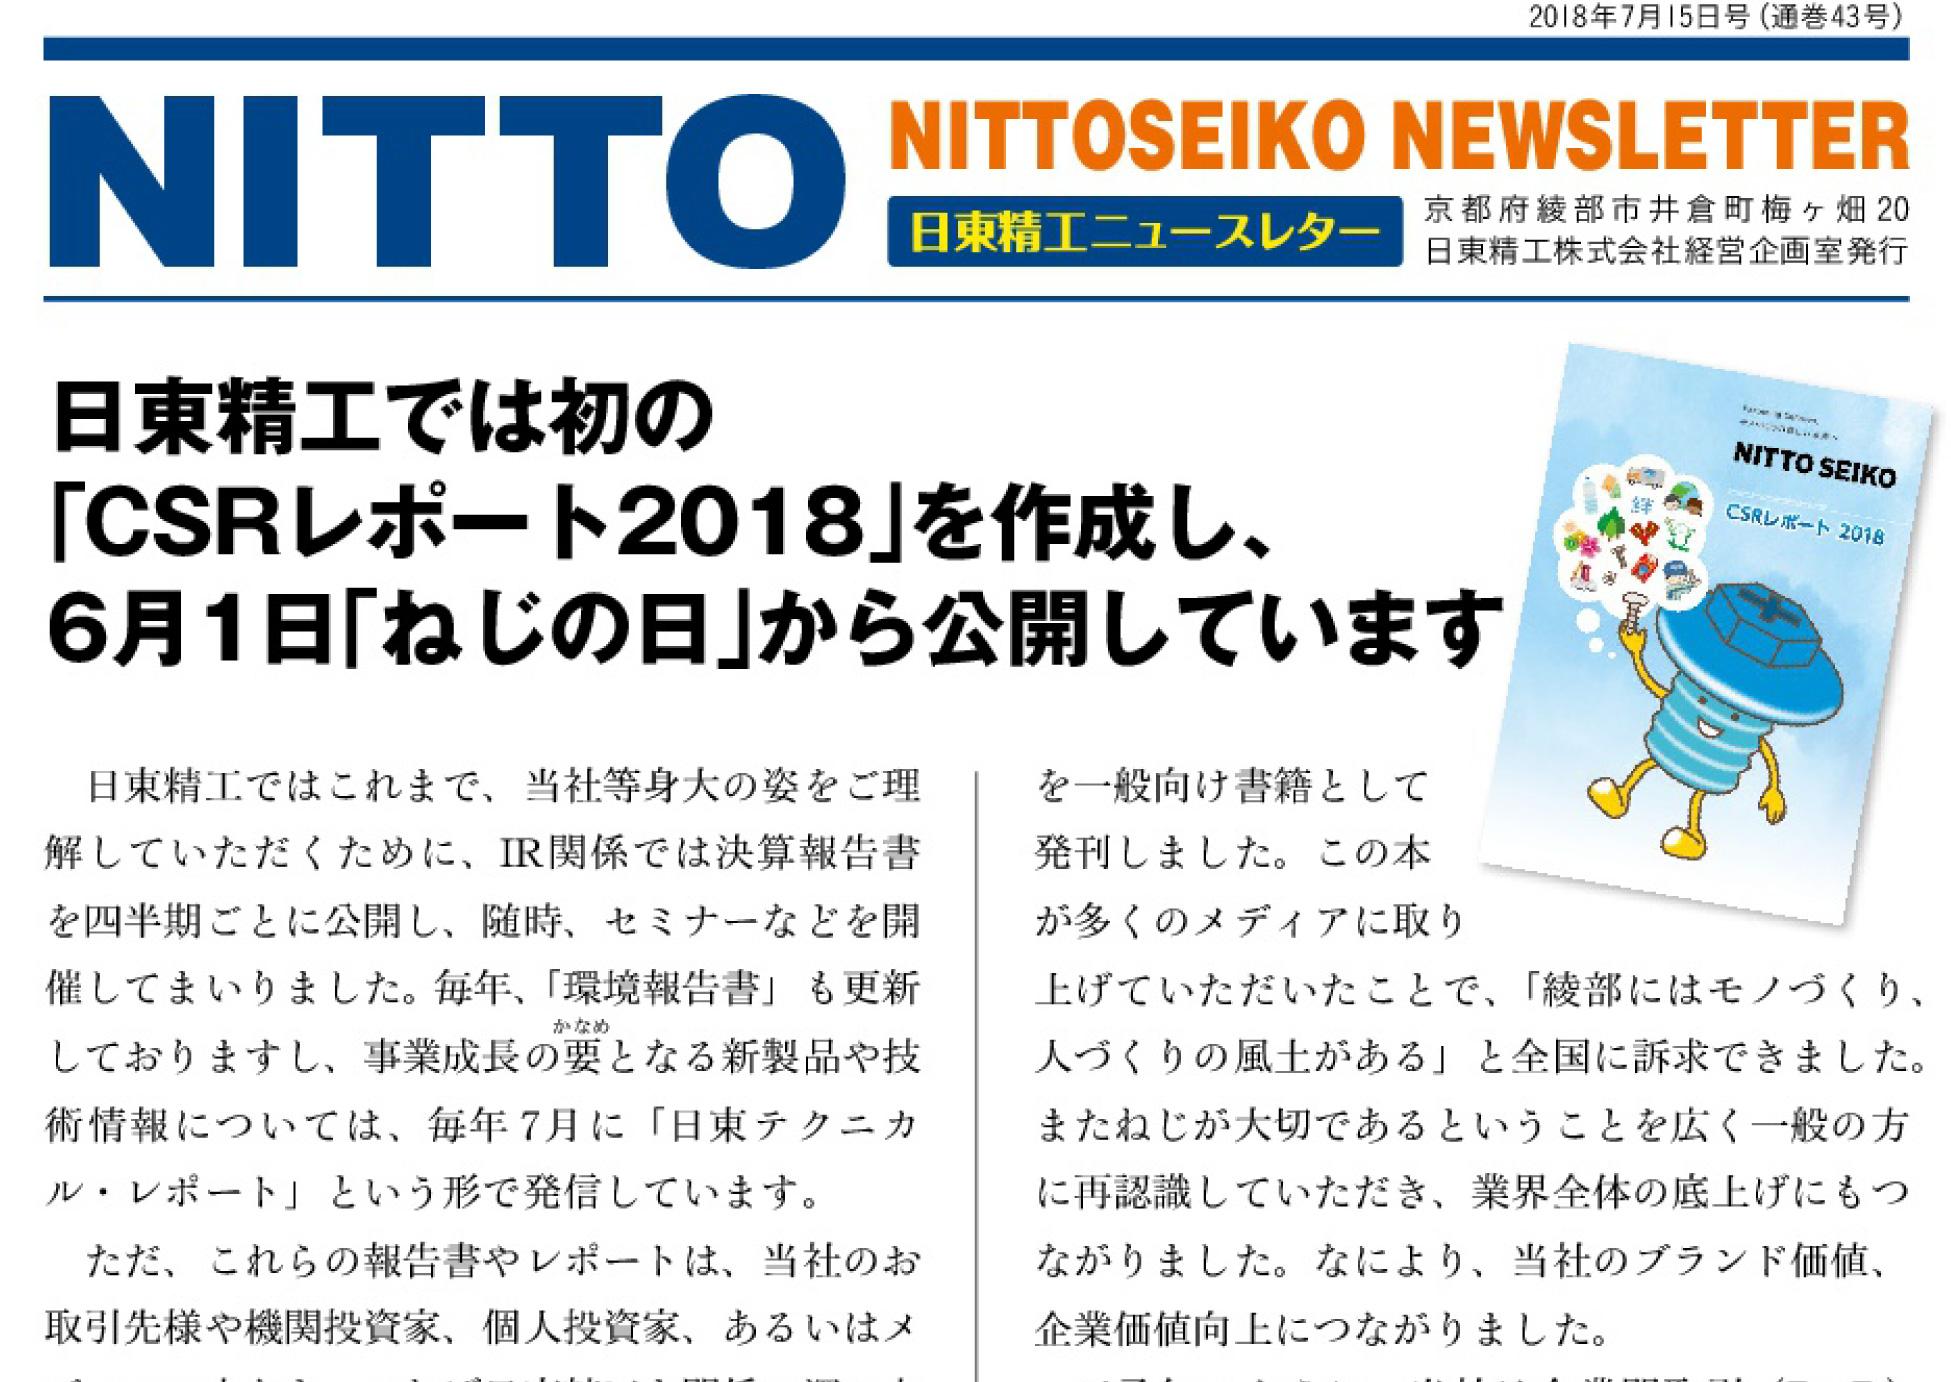 【ニュースレター・2018年7月号(第43号)】日東精工で初の「CSRレポート2018」を作成しました。